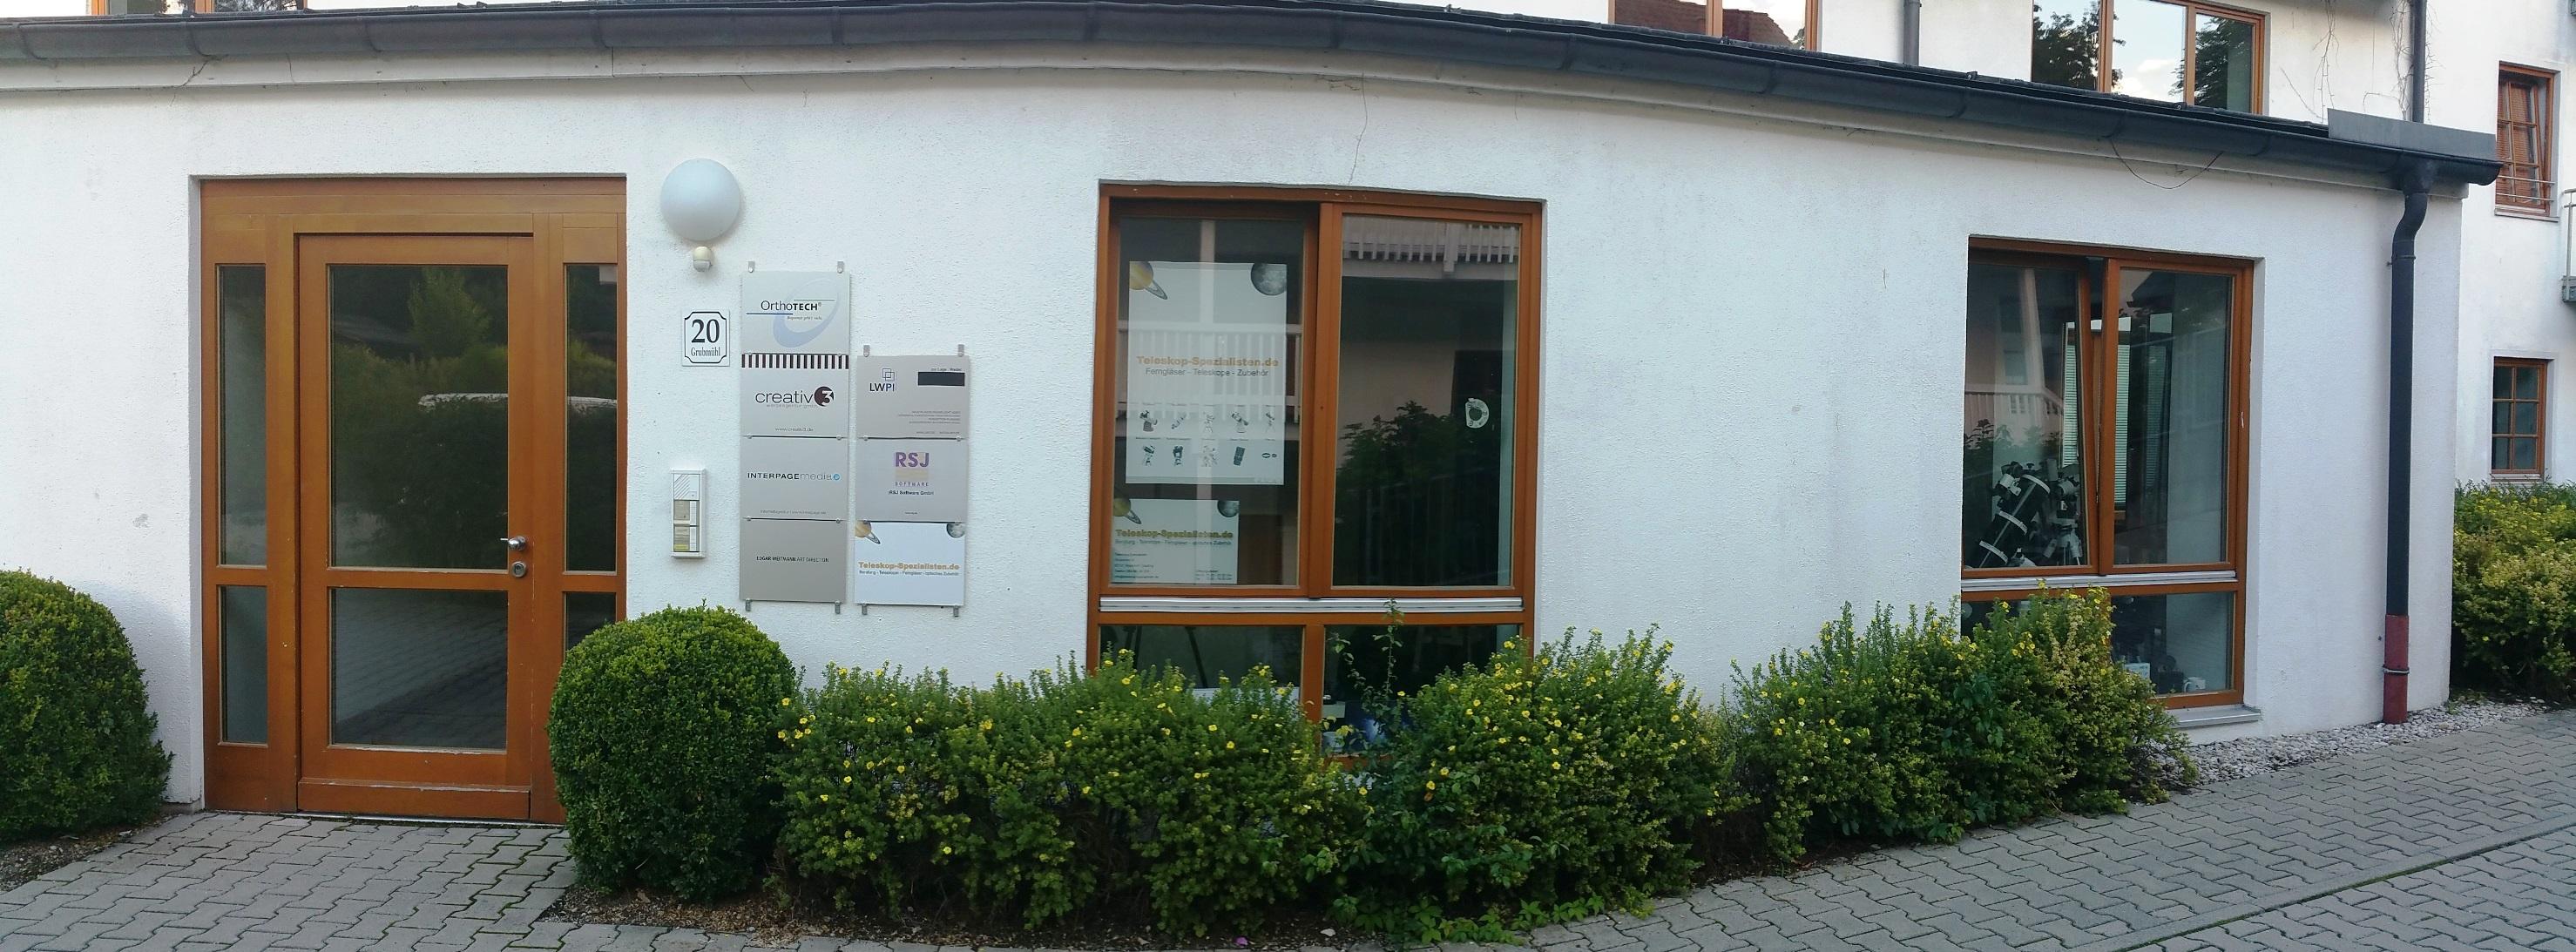 Der Laden der Teleskop-Spezialisten in München